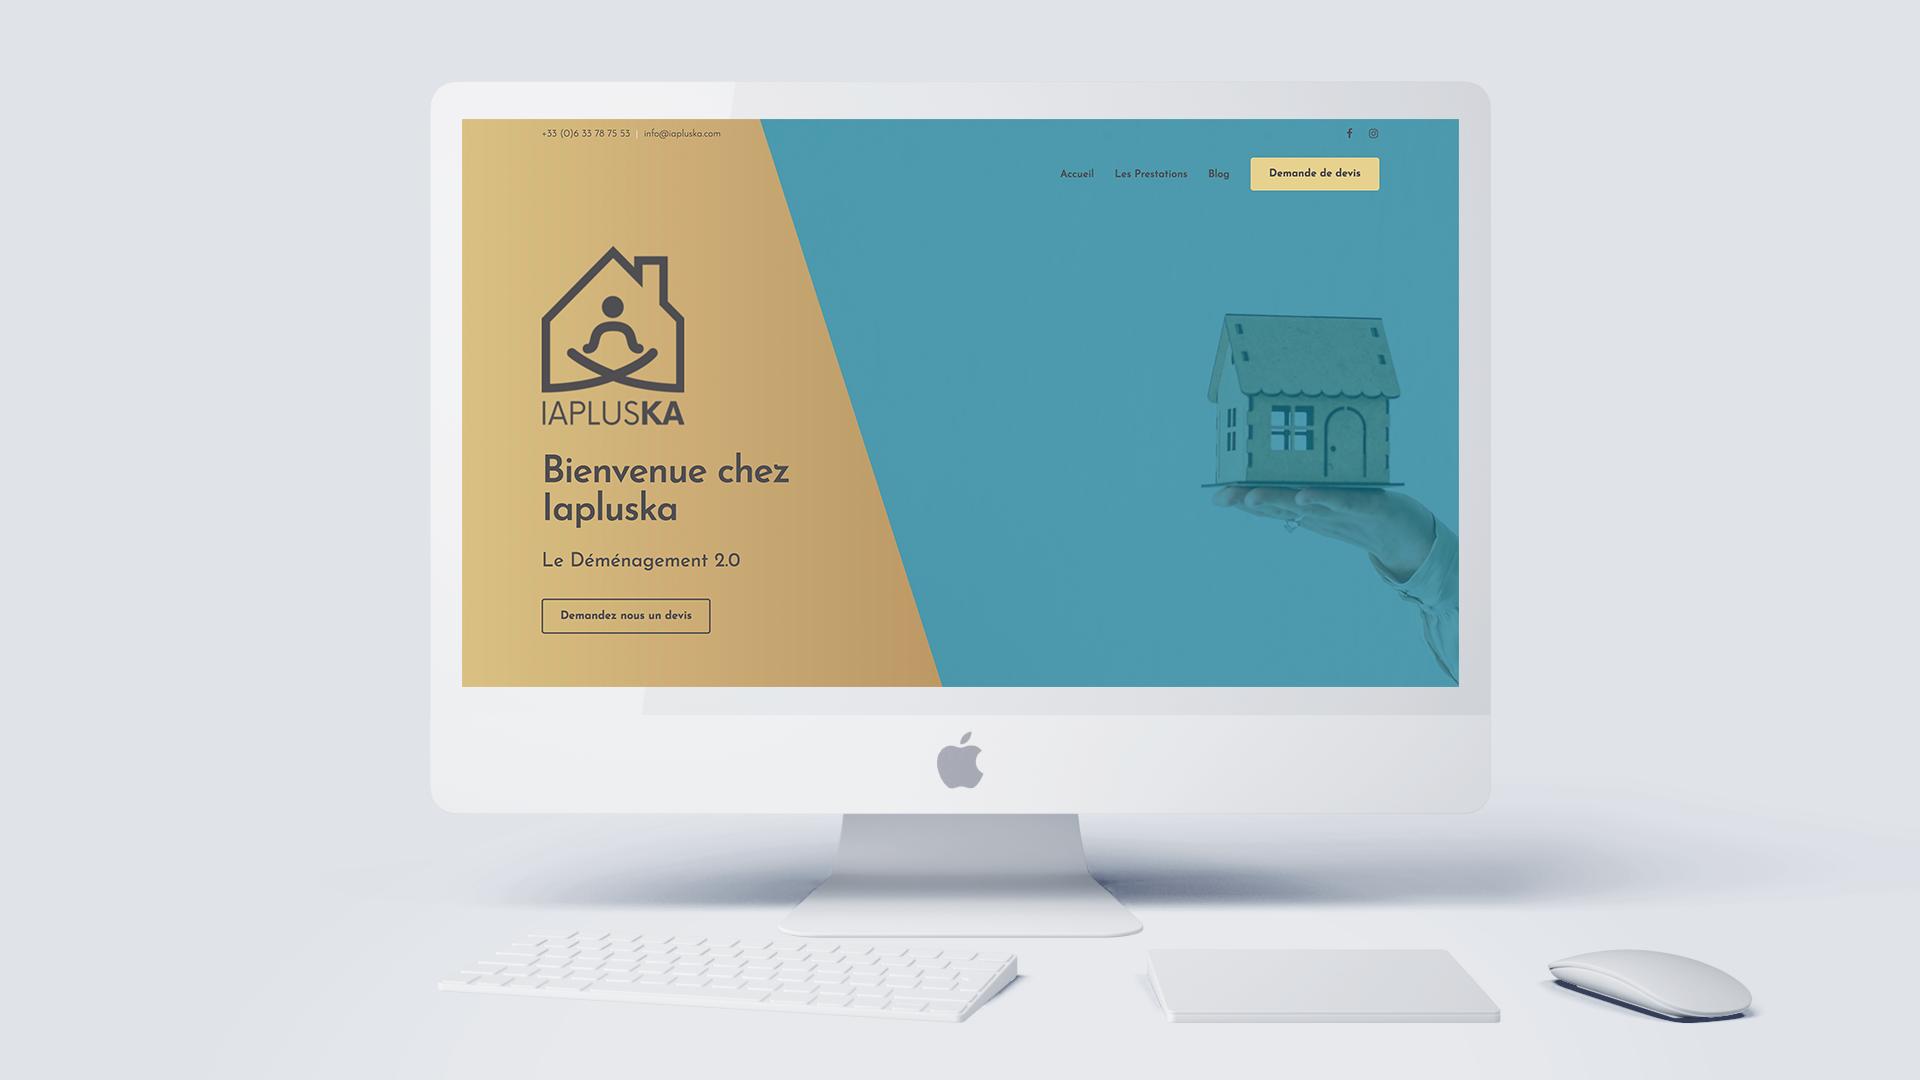 iMac blanc allumé avec la page internet ouverte sur le site Iapluska